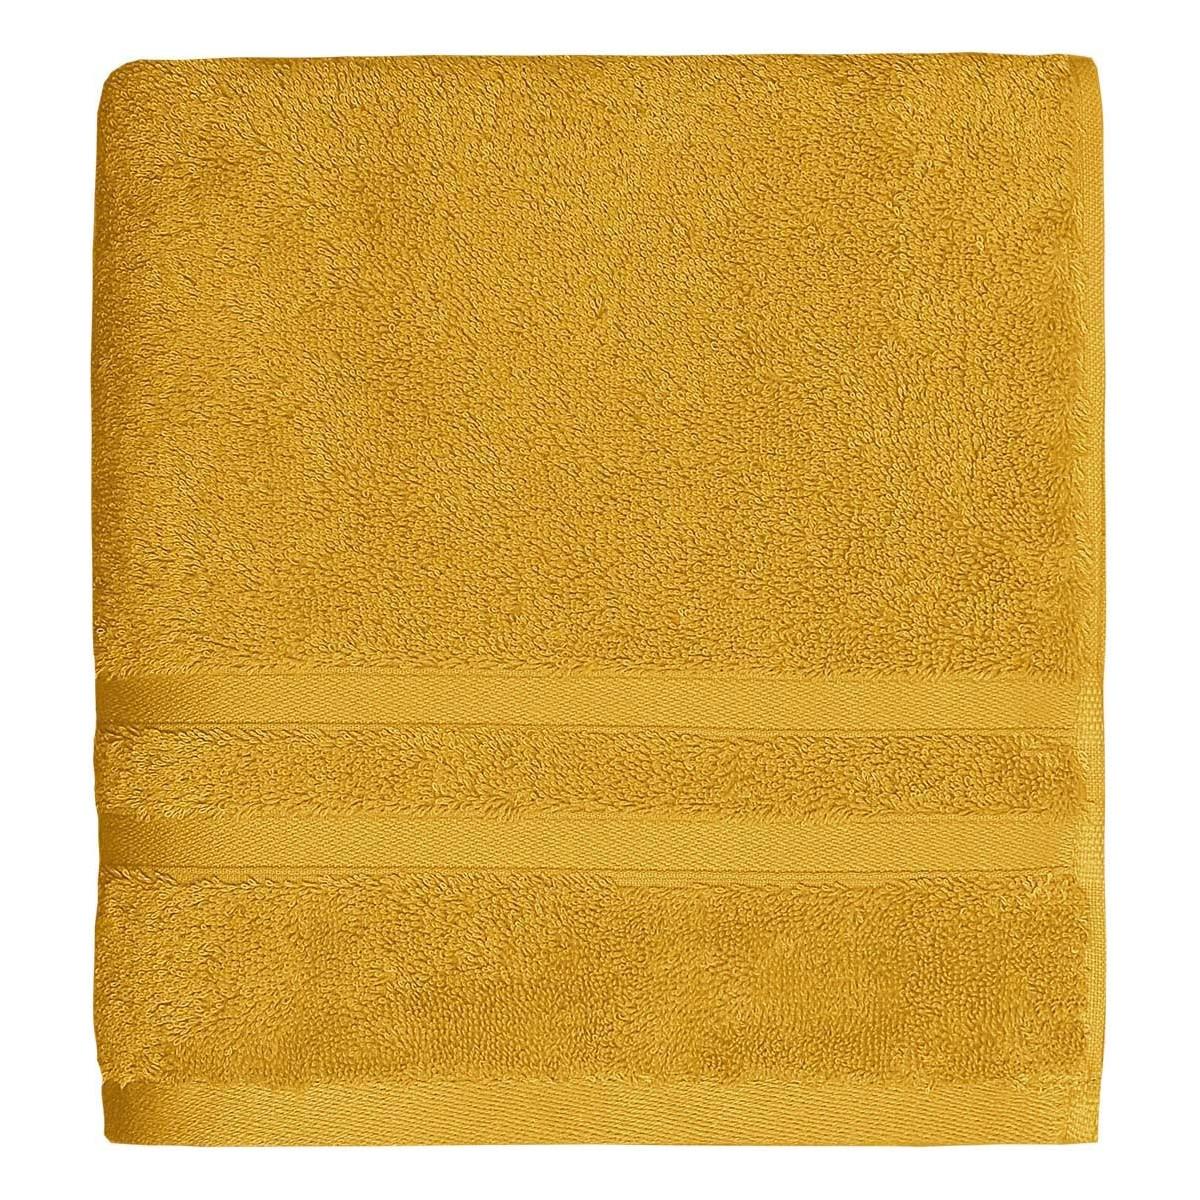 Serviette de bain 600gr/m² coton peigné/ Safran 70x140